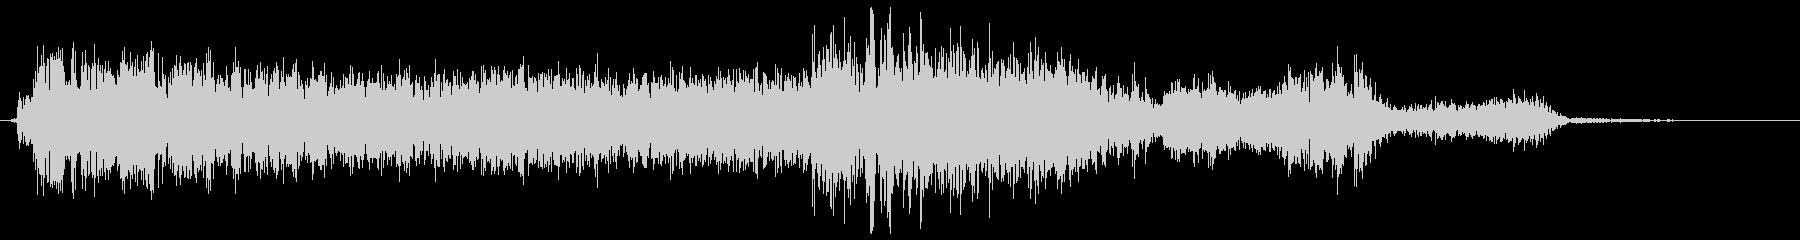 ウィーン(機械の動く音)の未再生の波形